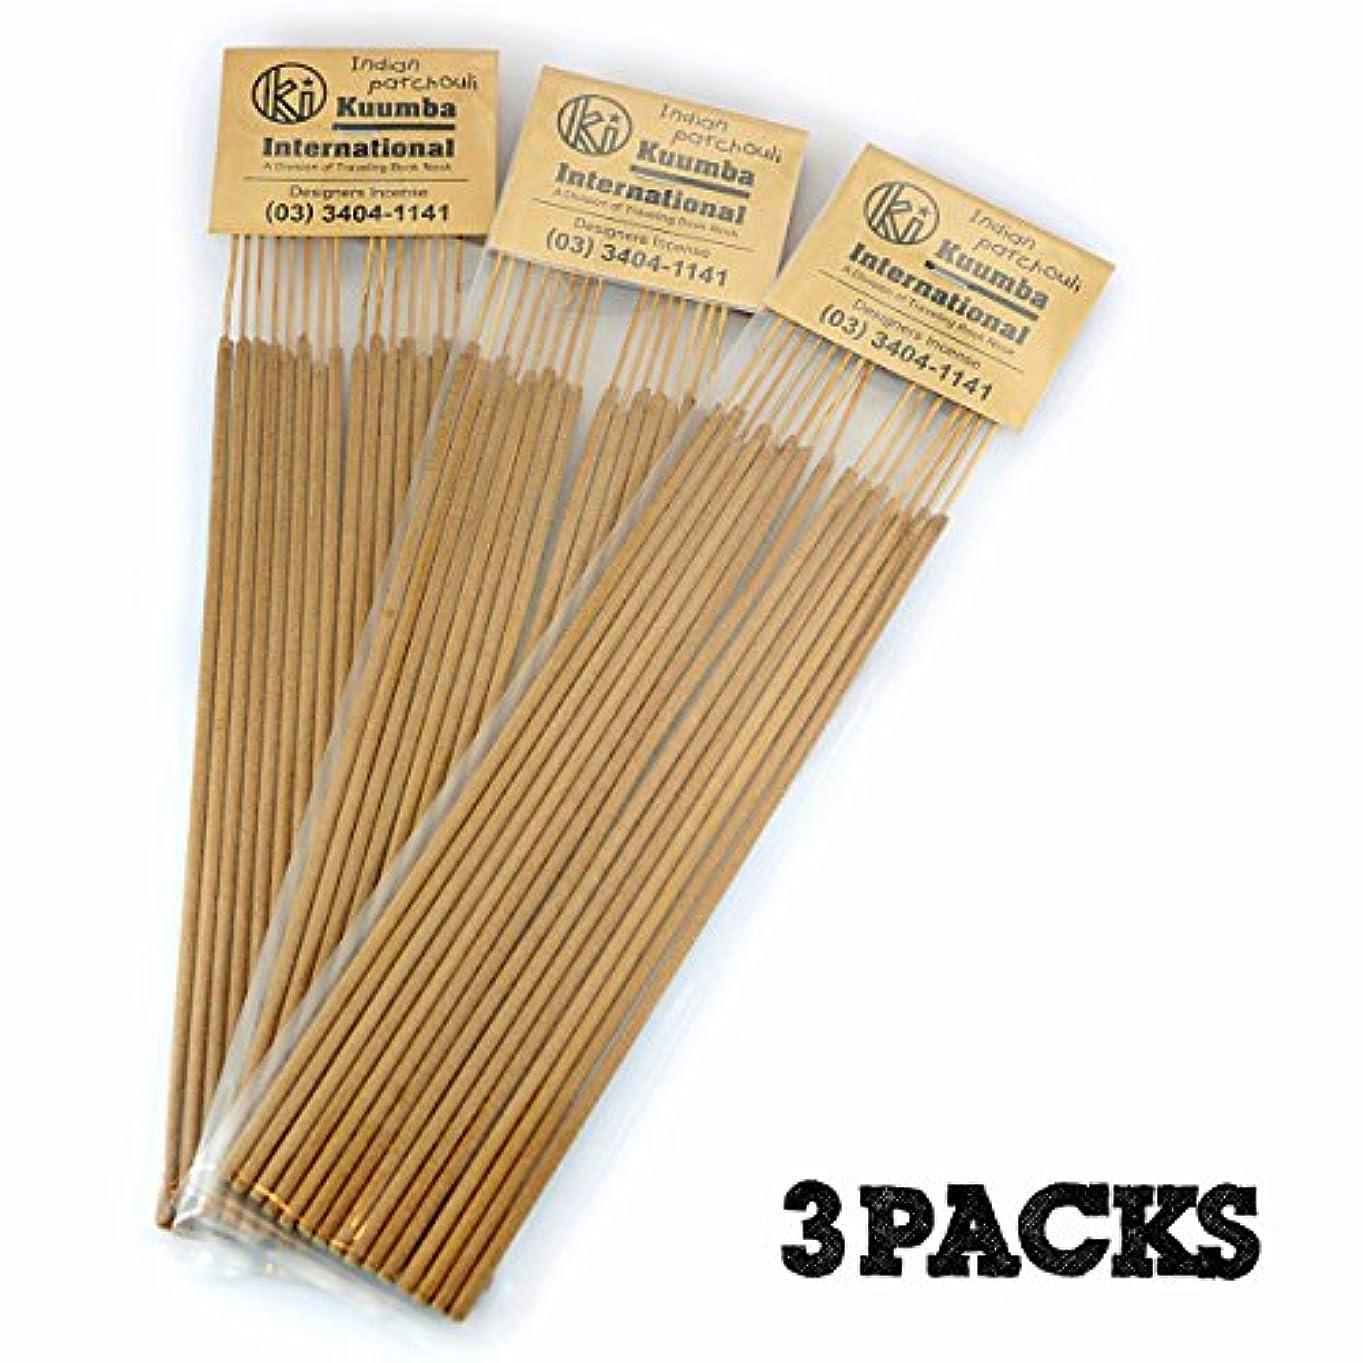 必需品作業メタリックKuumba | クンバ お香 | Regular size | 3パックセット | INDIAN PATCHOULI